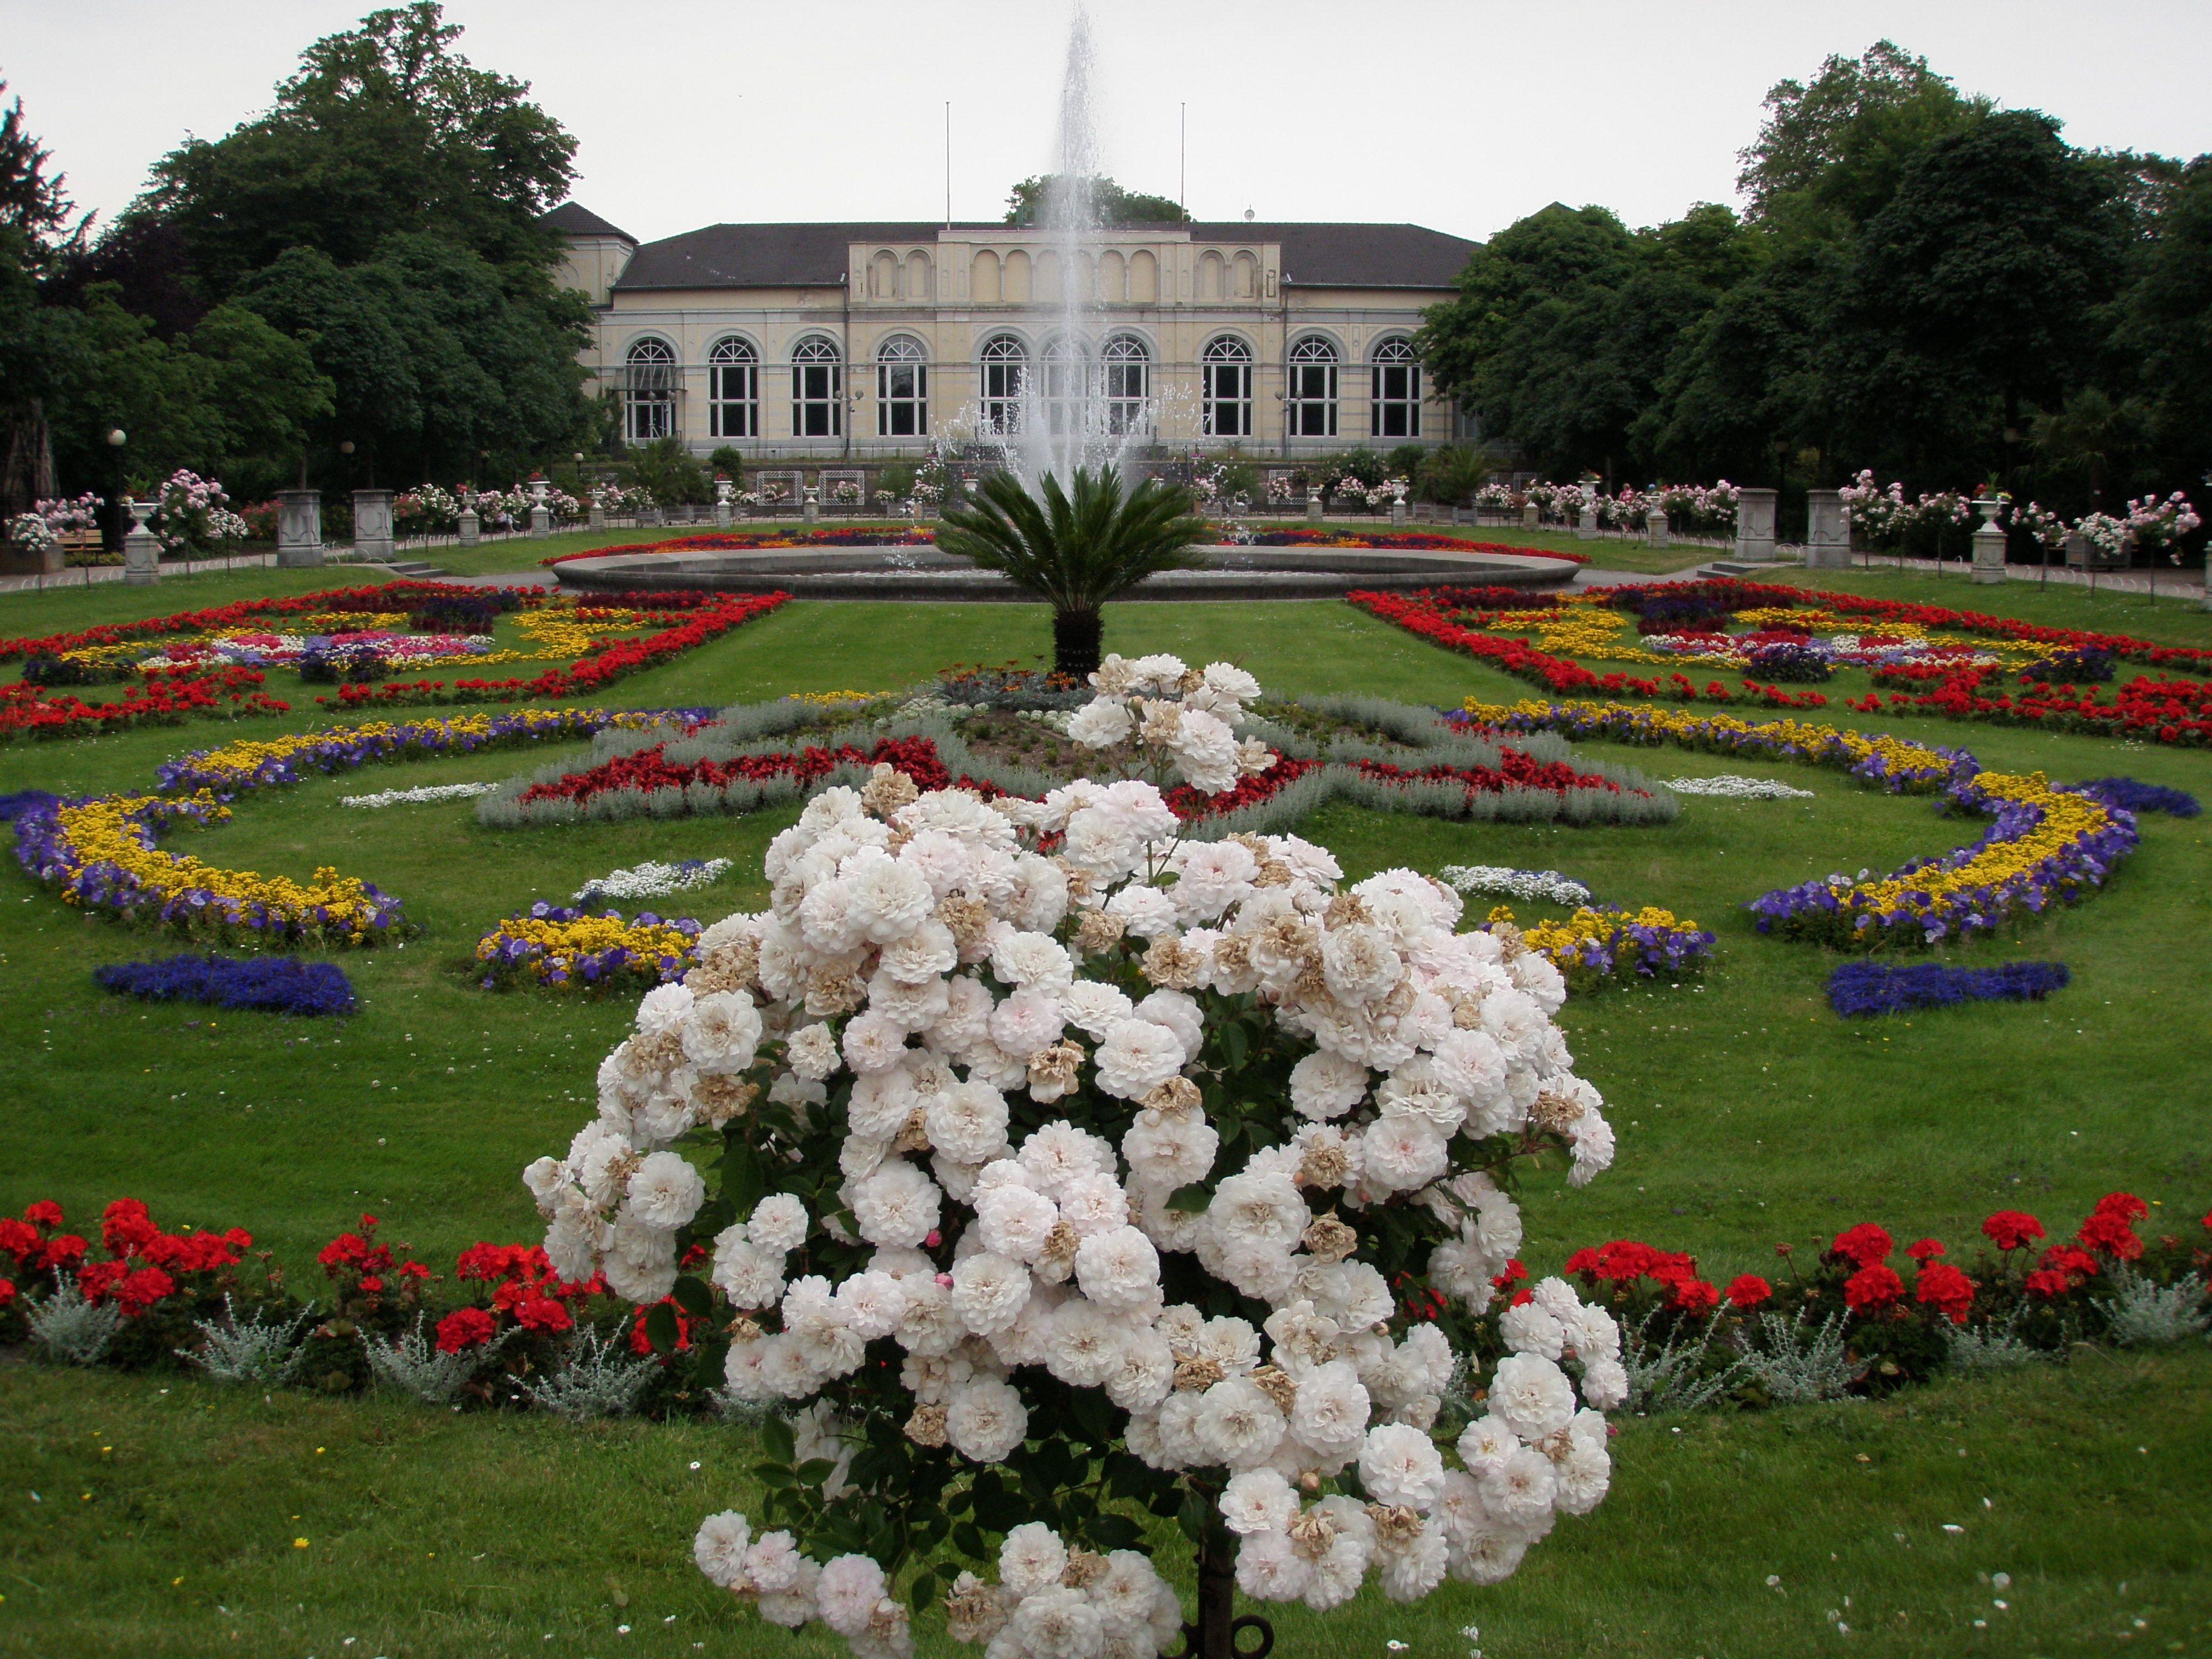 Flora Und Botanischer Garten Koln Botanic Garden In Cologne Thousand Wonders Botanical Gardens Public Garden Europe Trip Planner